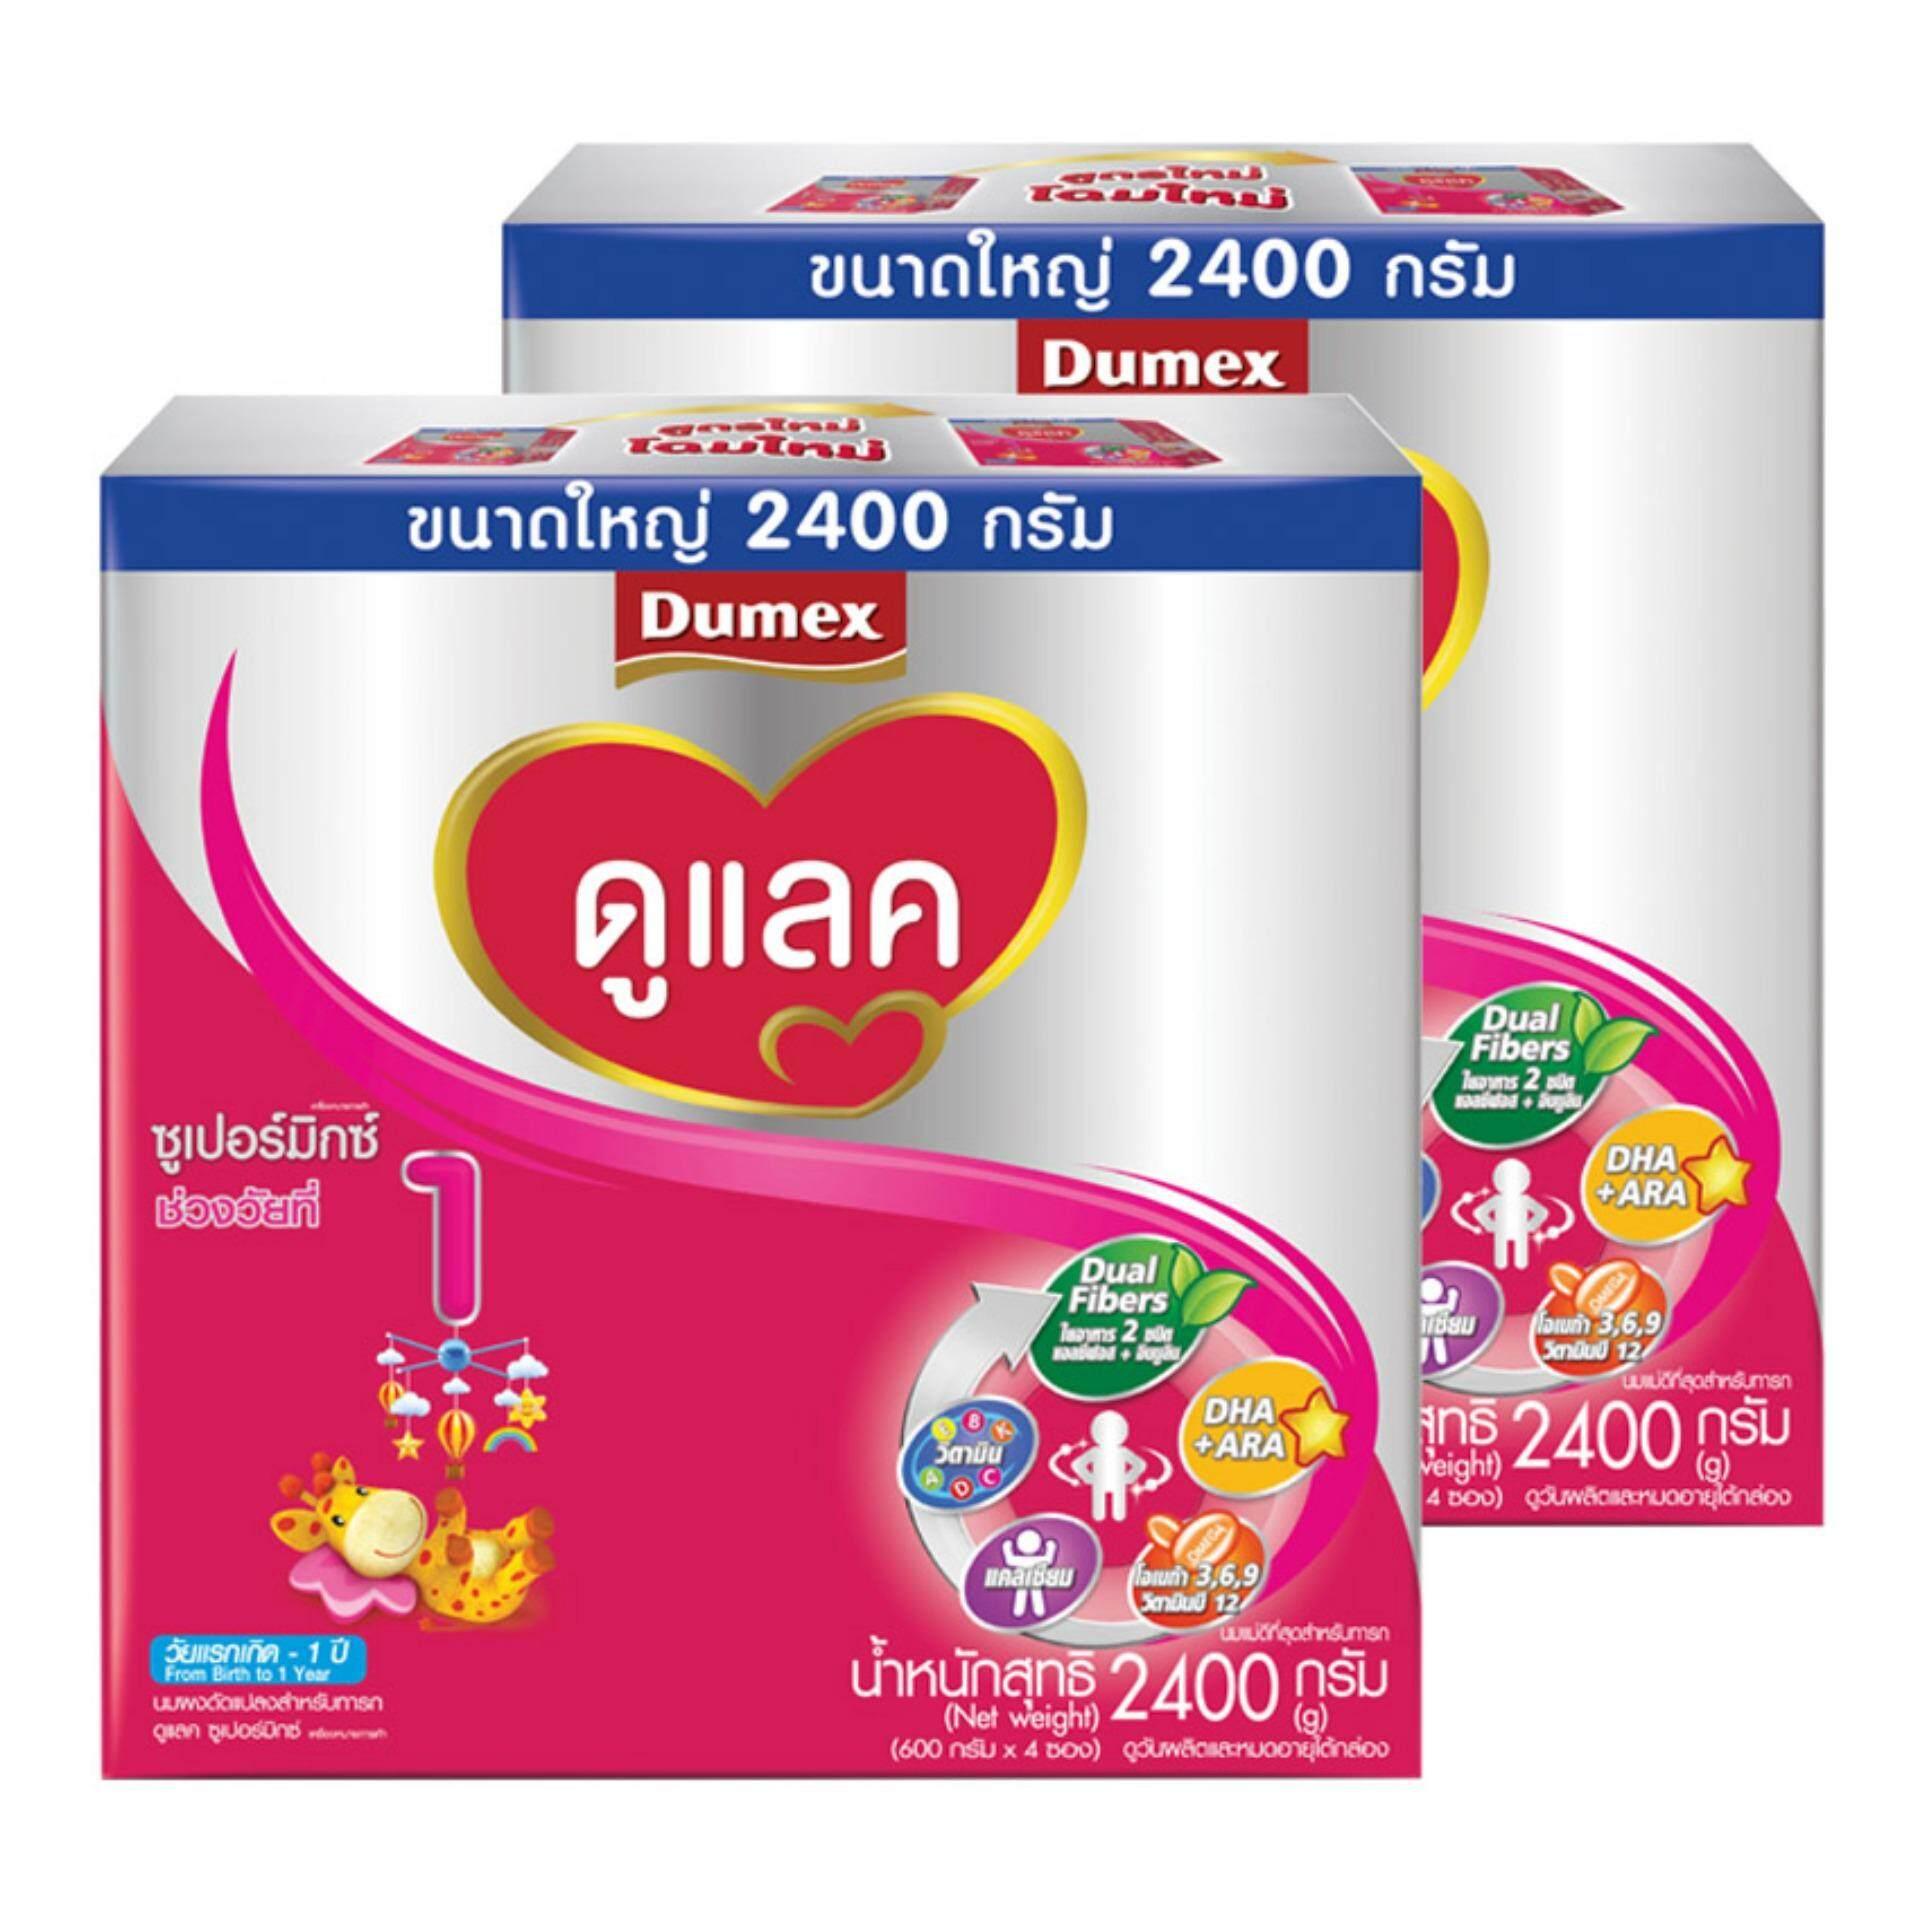 ราคา Dumex ดูเม็กซ์ นมผง ดูแลค ซูเปอร์มิกซ์ ช่วงวัยที่ 1 2400 กรัม แพ็ค 2 กล่อง ใหม่